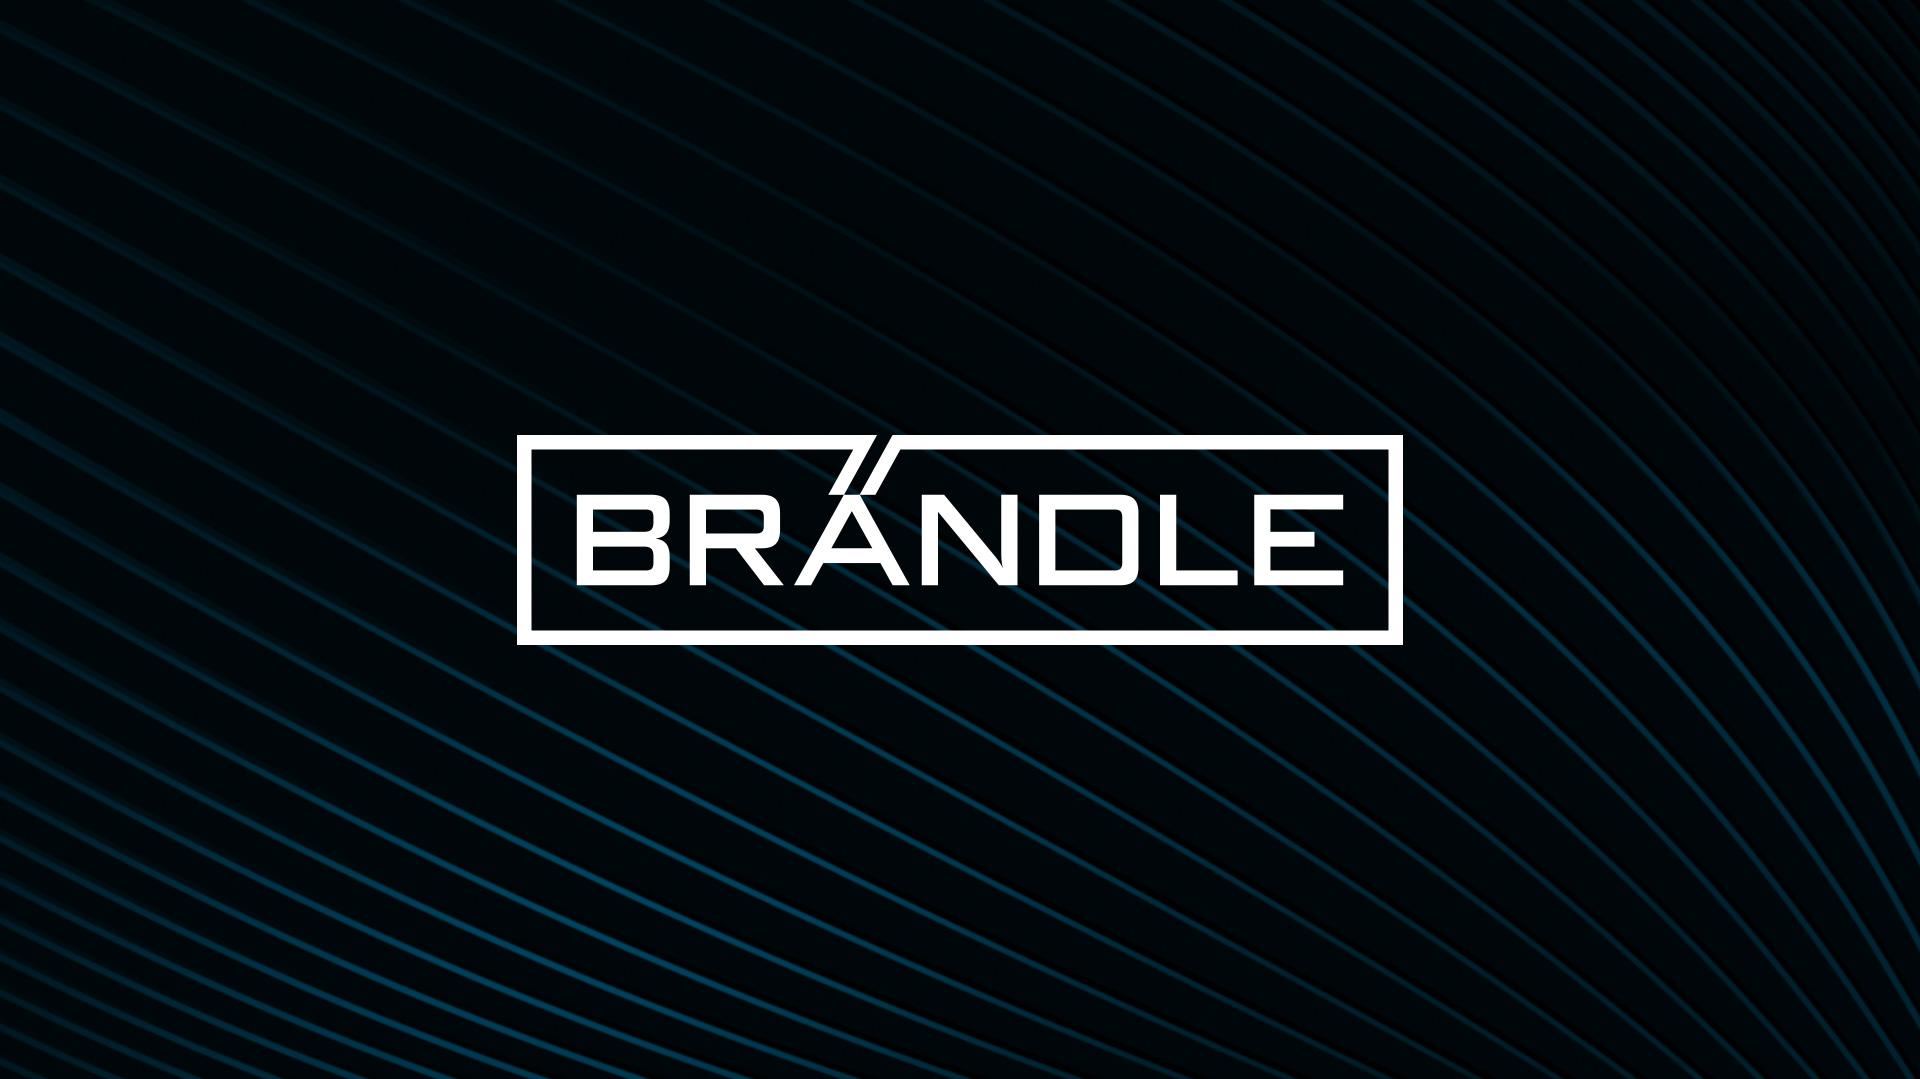 Brändle Fahrzeugbau Branding